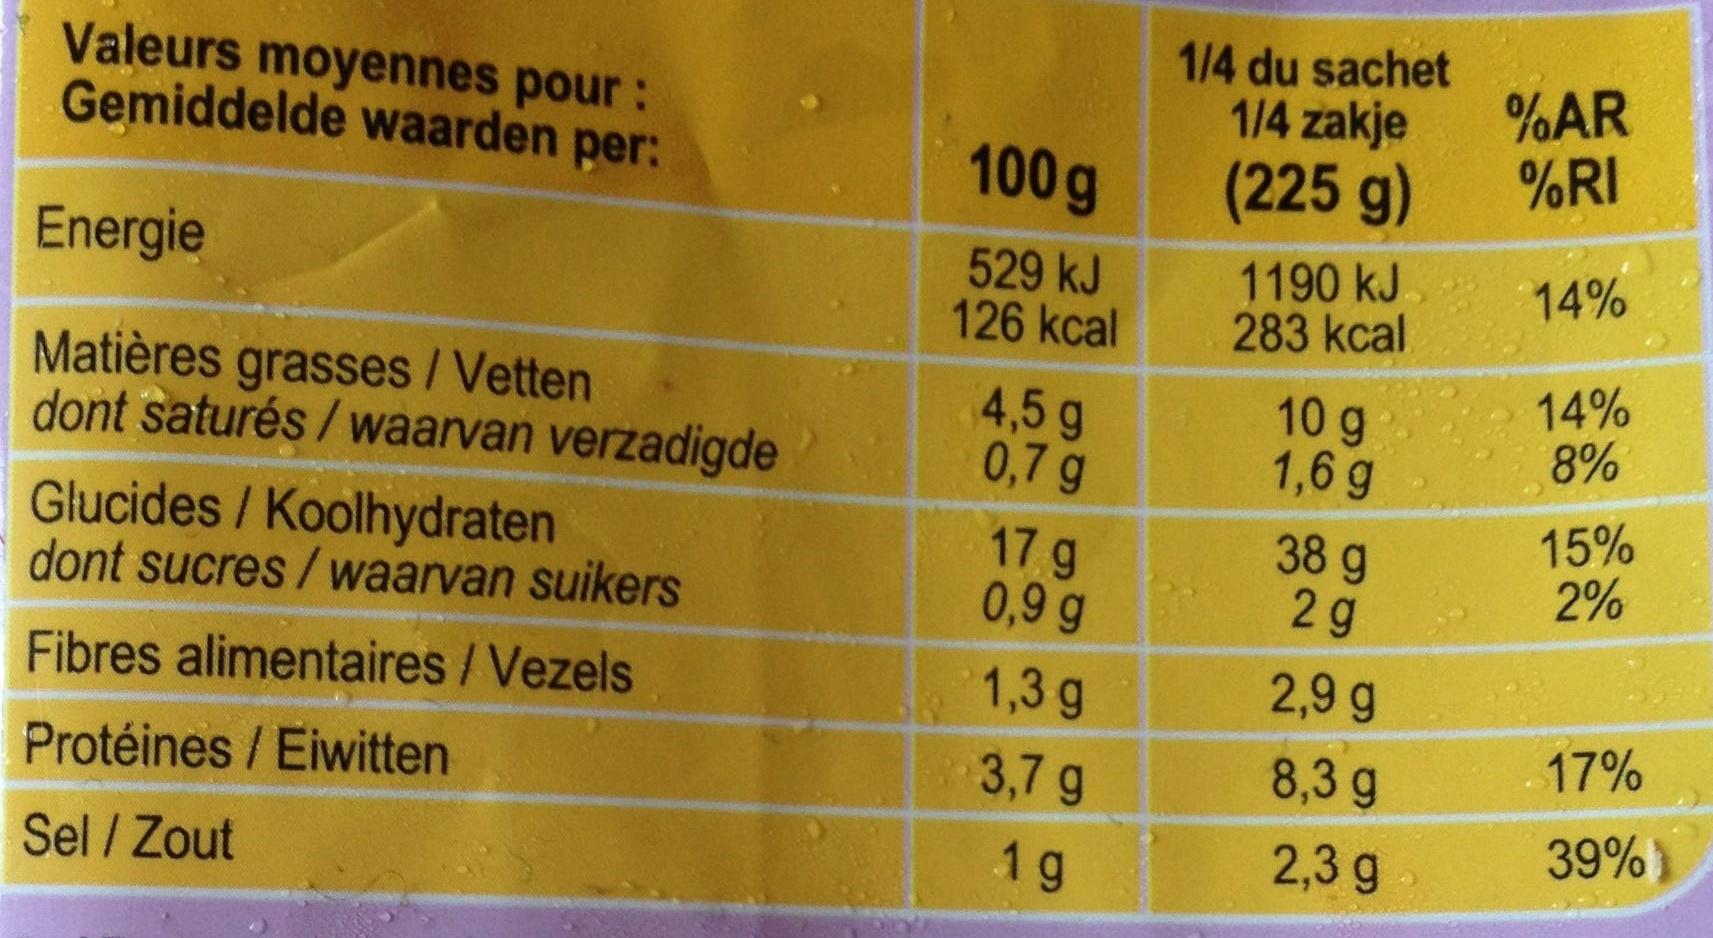 Riz cantonais - Información nutricional - fr